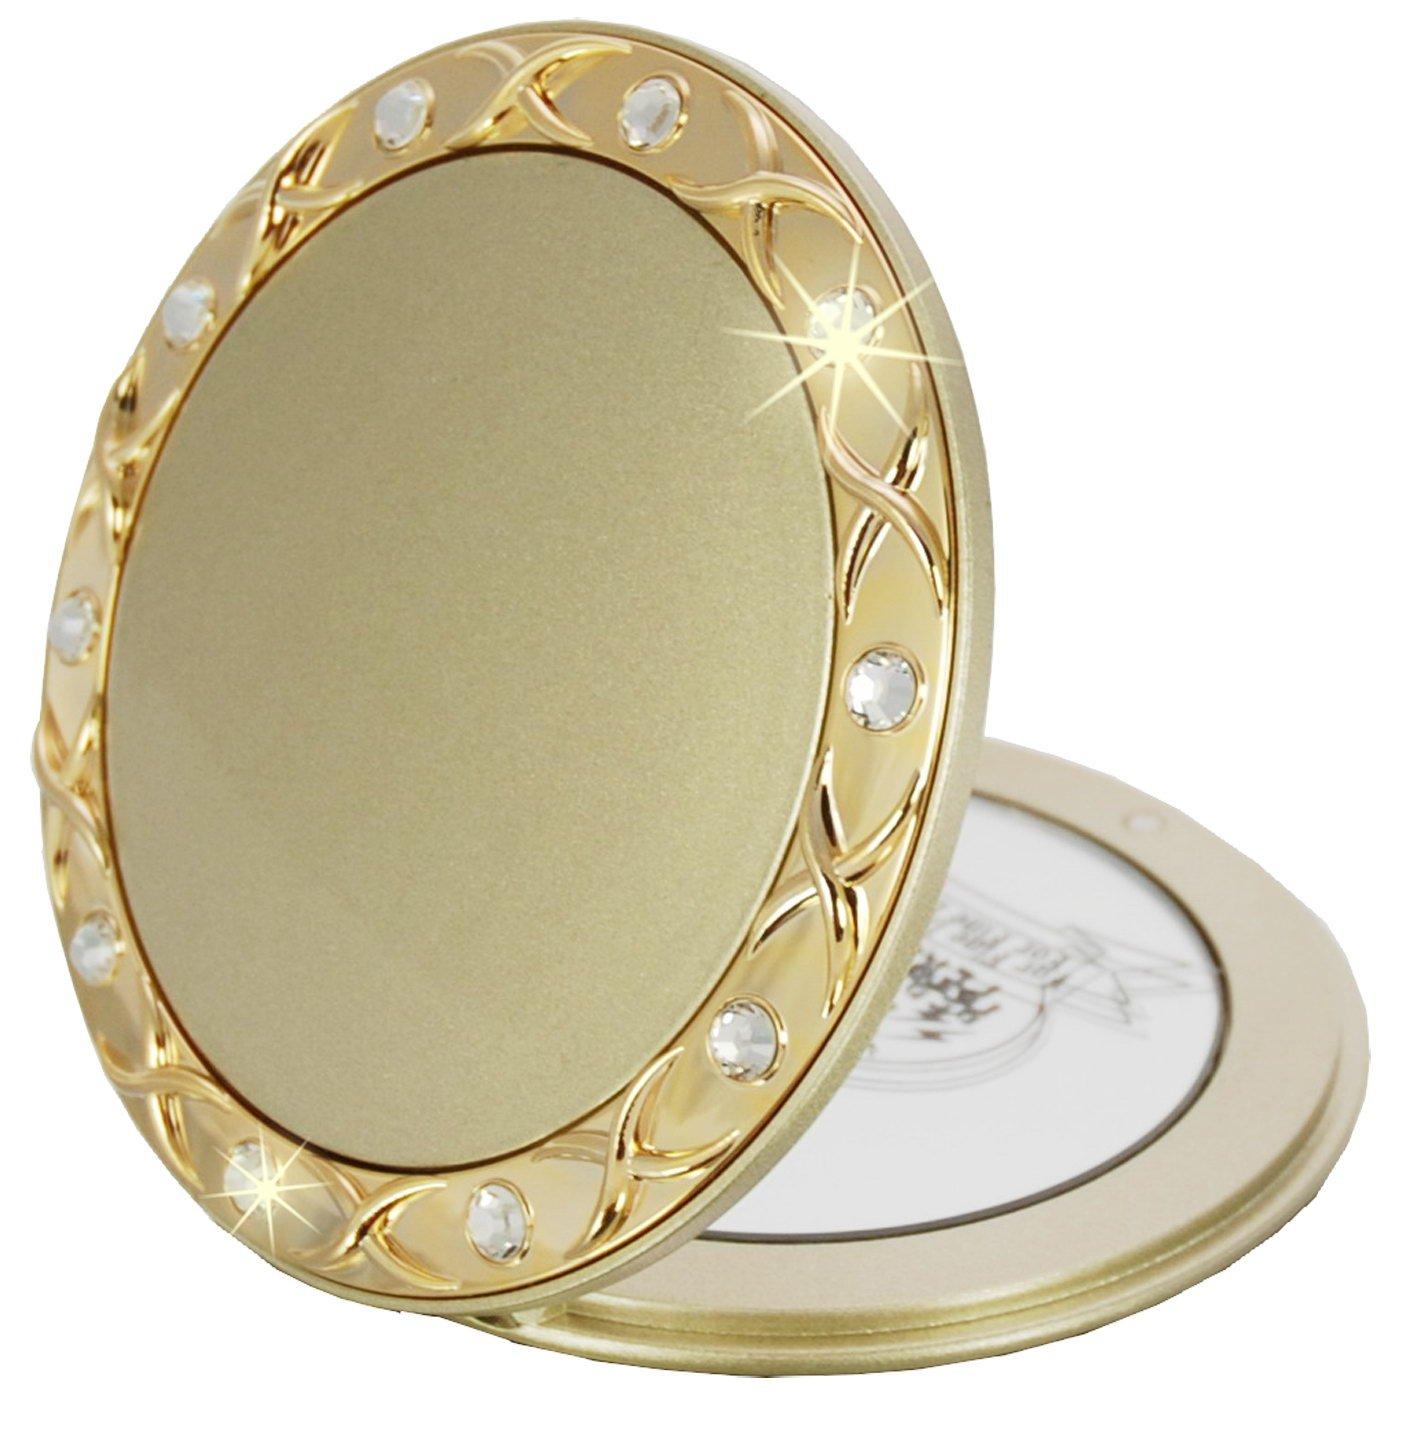 Fantasia Taschenspiegel, rund, 10-fach Vergrößerung, Swarovski Elements, 8.5 cm, gold 44072